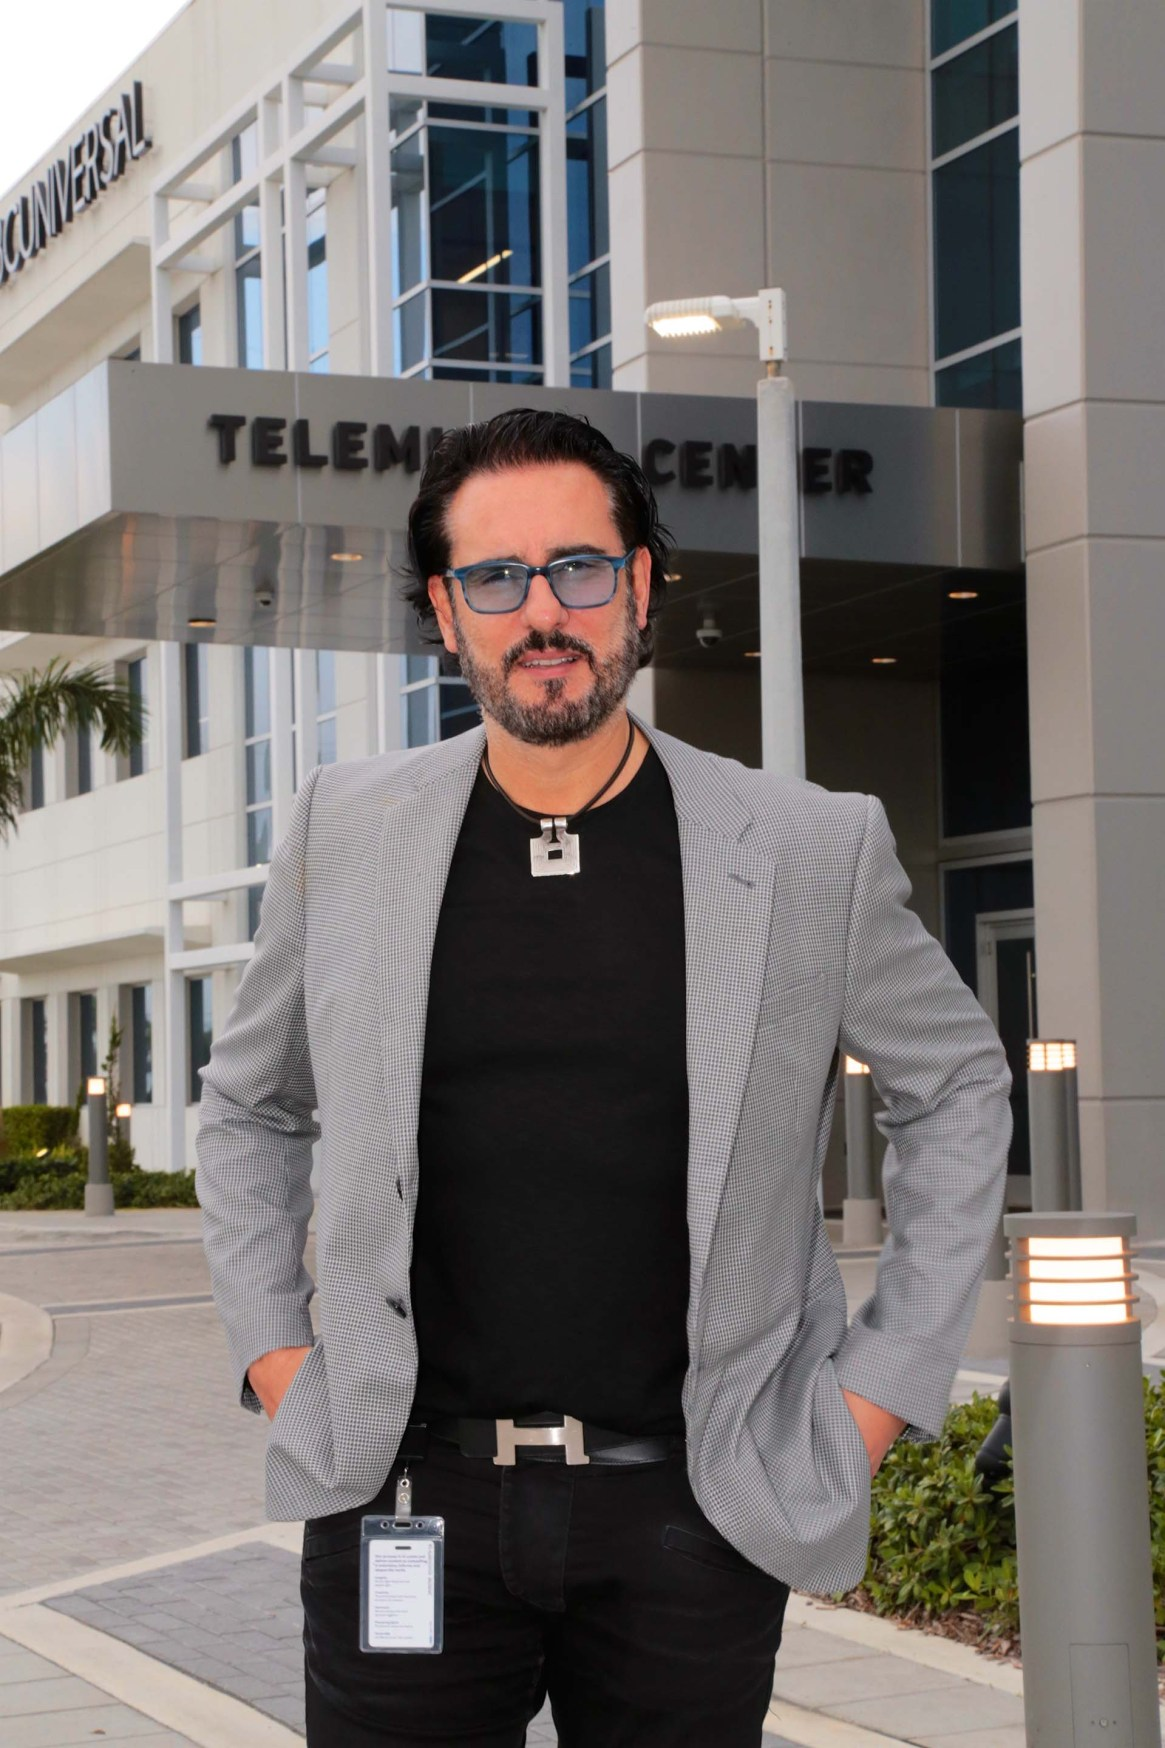 Miguel Varoni en los estudios de Telemundo Center, Miami (Foto: Luis Fernandez)